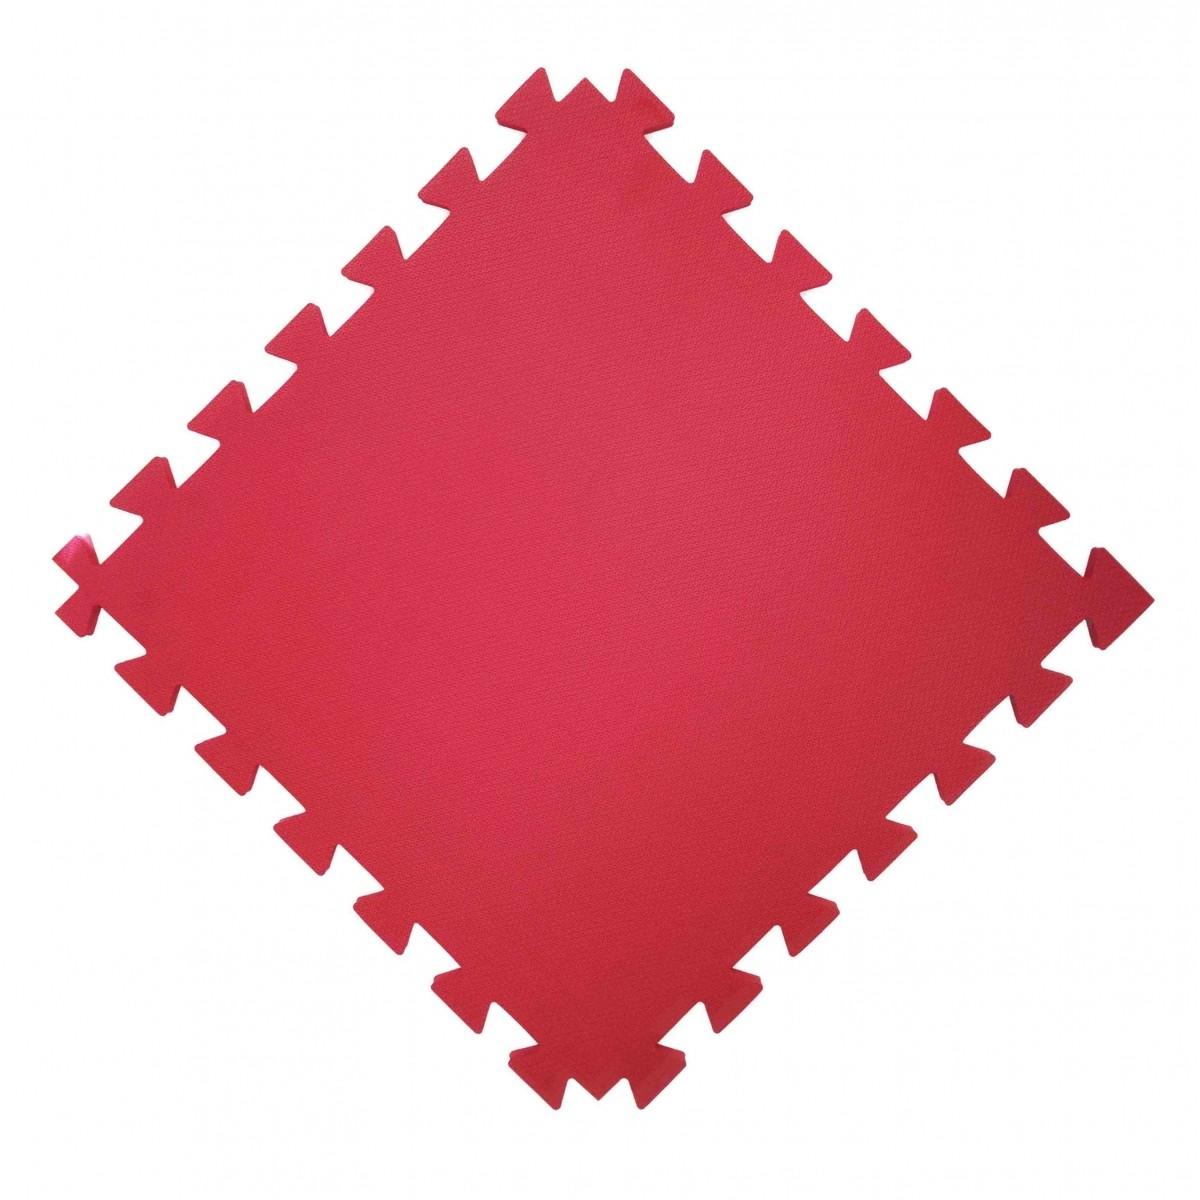 Tatame  100x100cm Com 20mm de Espessura    Vermelho  - Brindes Visão loja